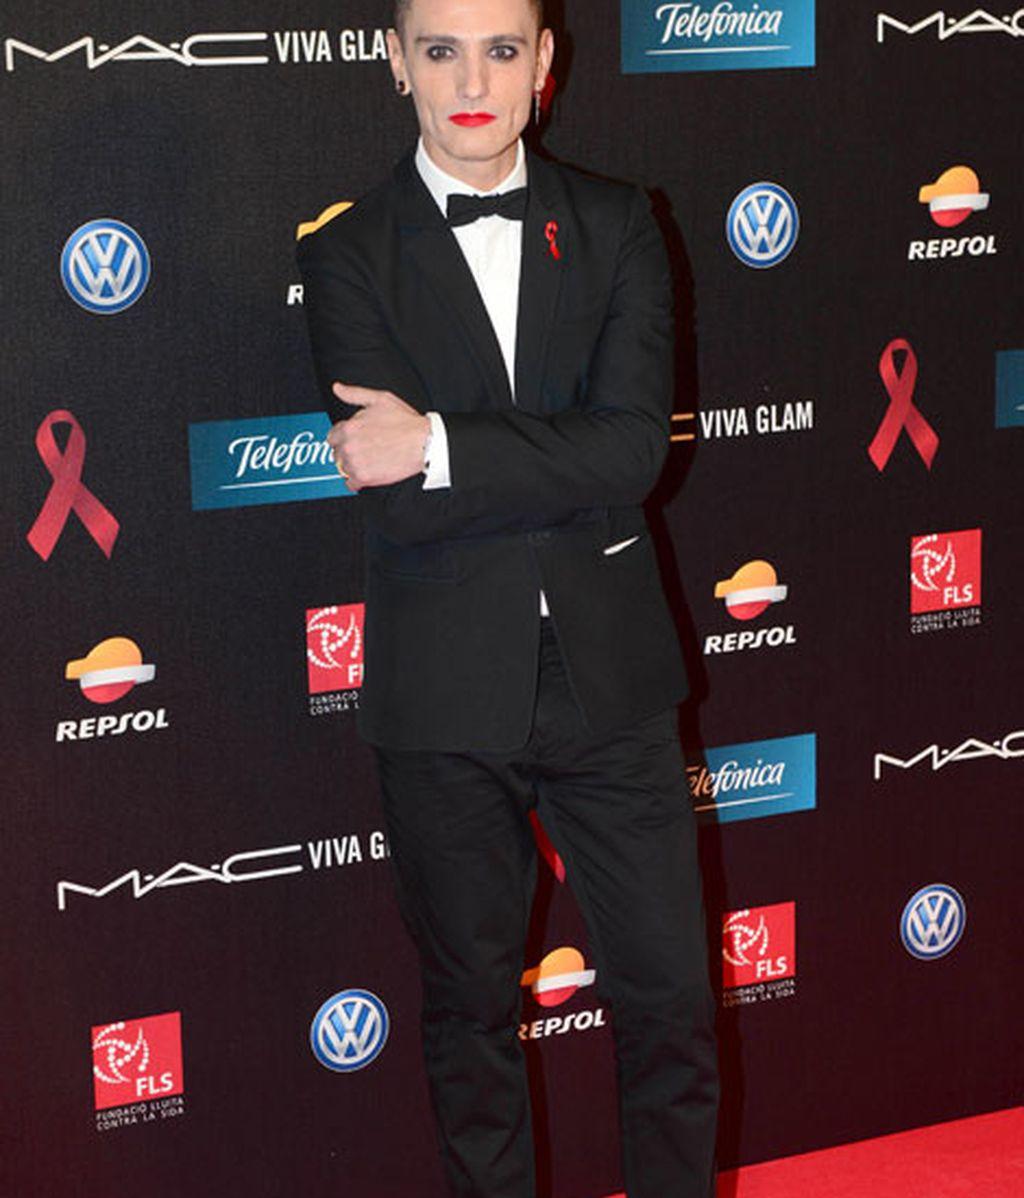 David Delfín mostró su apoyo a la lucha contra el sida con unos llamativos labios rojos